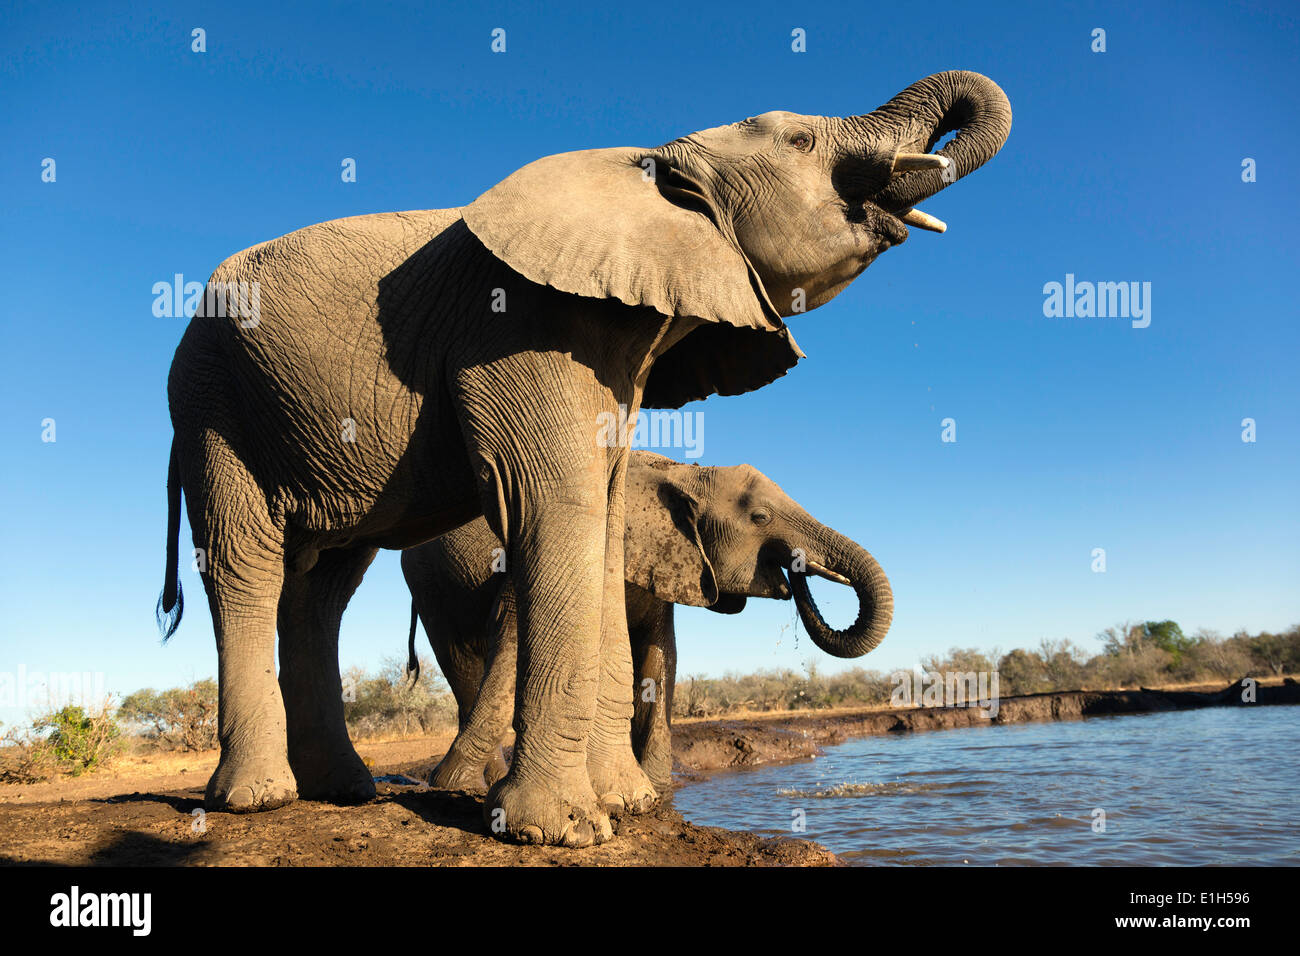 El elefante africano (Loxodonta africana) beber en el abrevadero, Reserva de Caza de Mashatu, Botswana, África Foto de stock